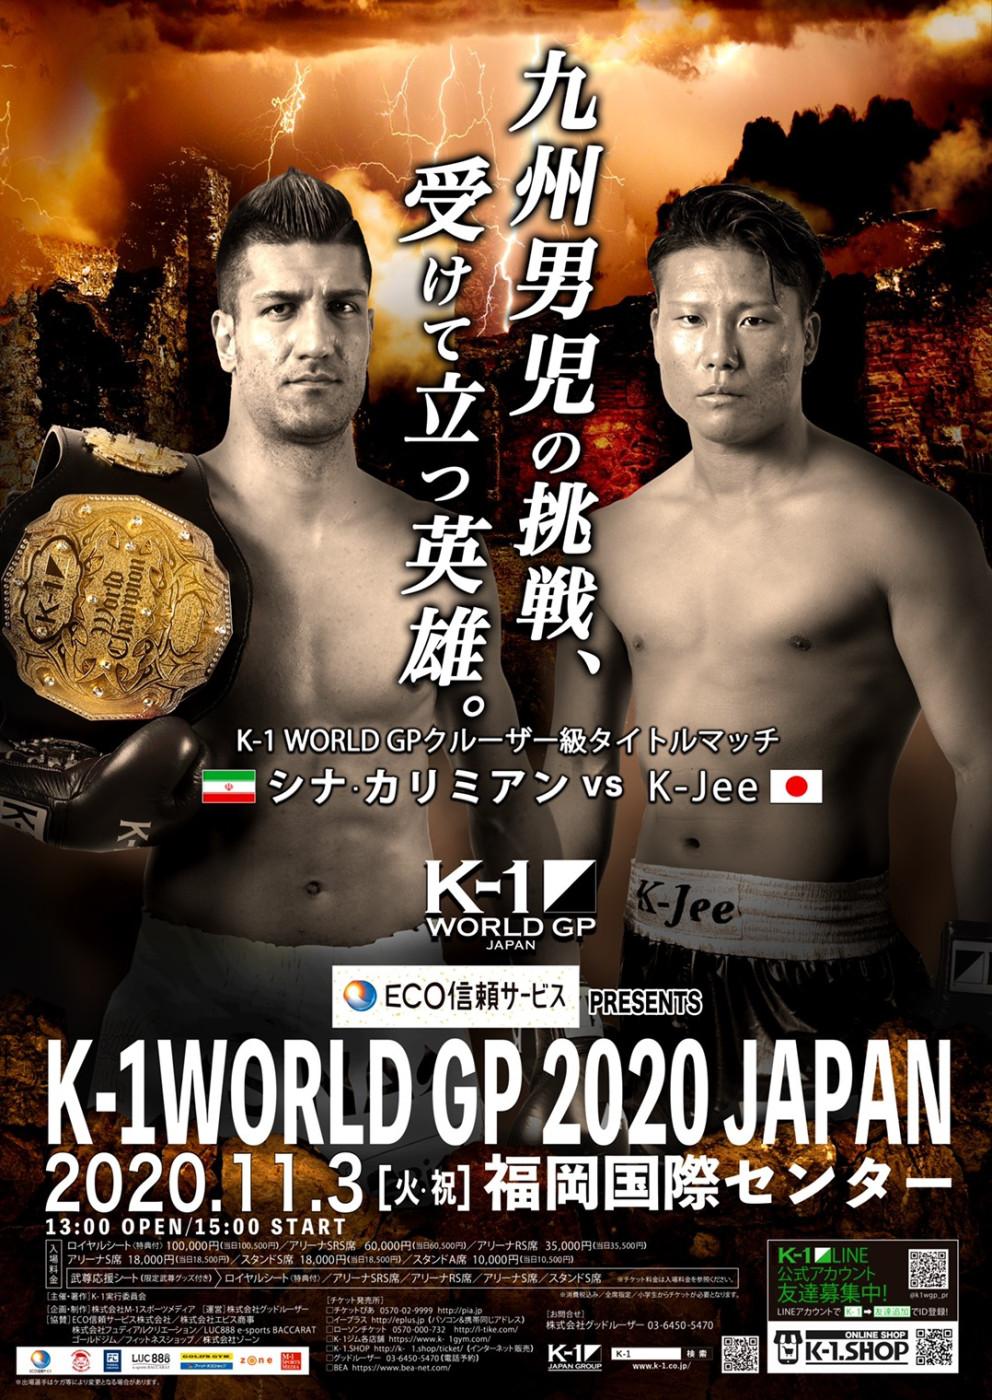 2020年11月3日K-1 WGP赛事 – 直播[视频回放] 野杁正明、朝久裕贵参赛